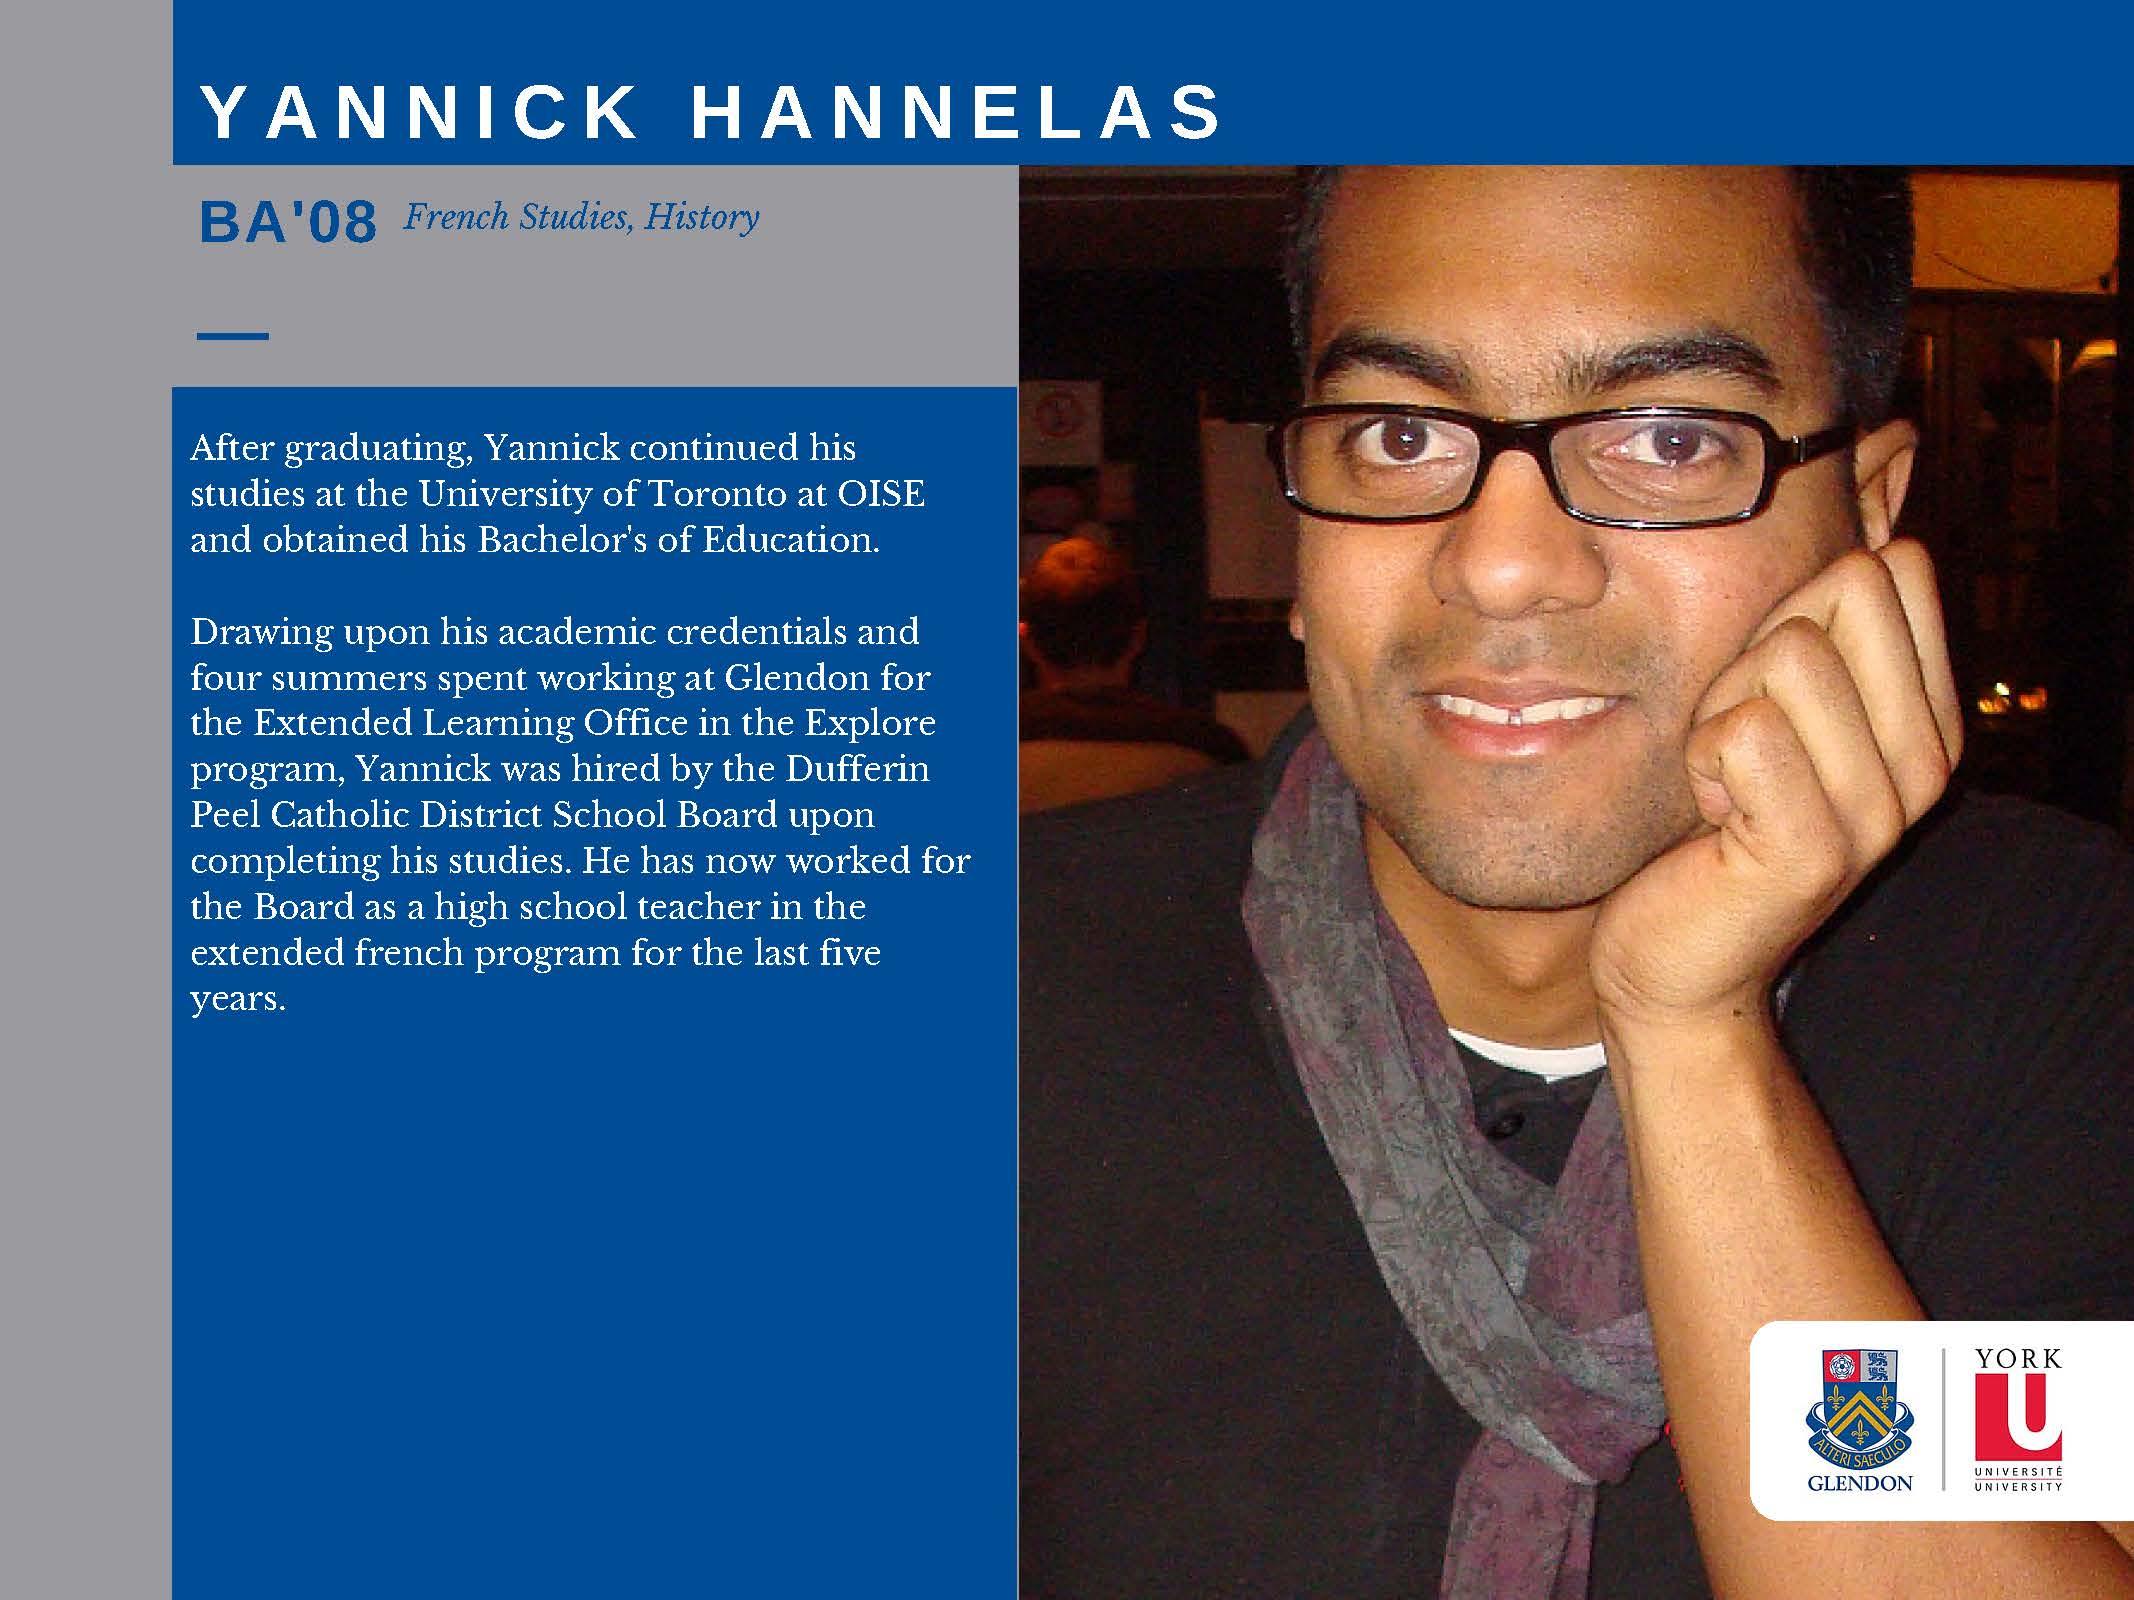 Yannick Hannelas